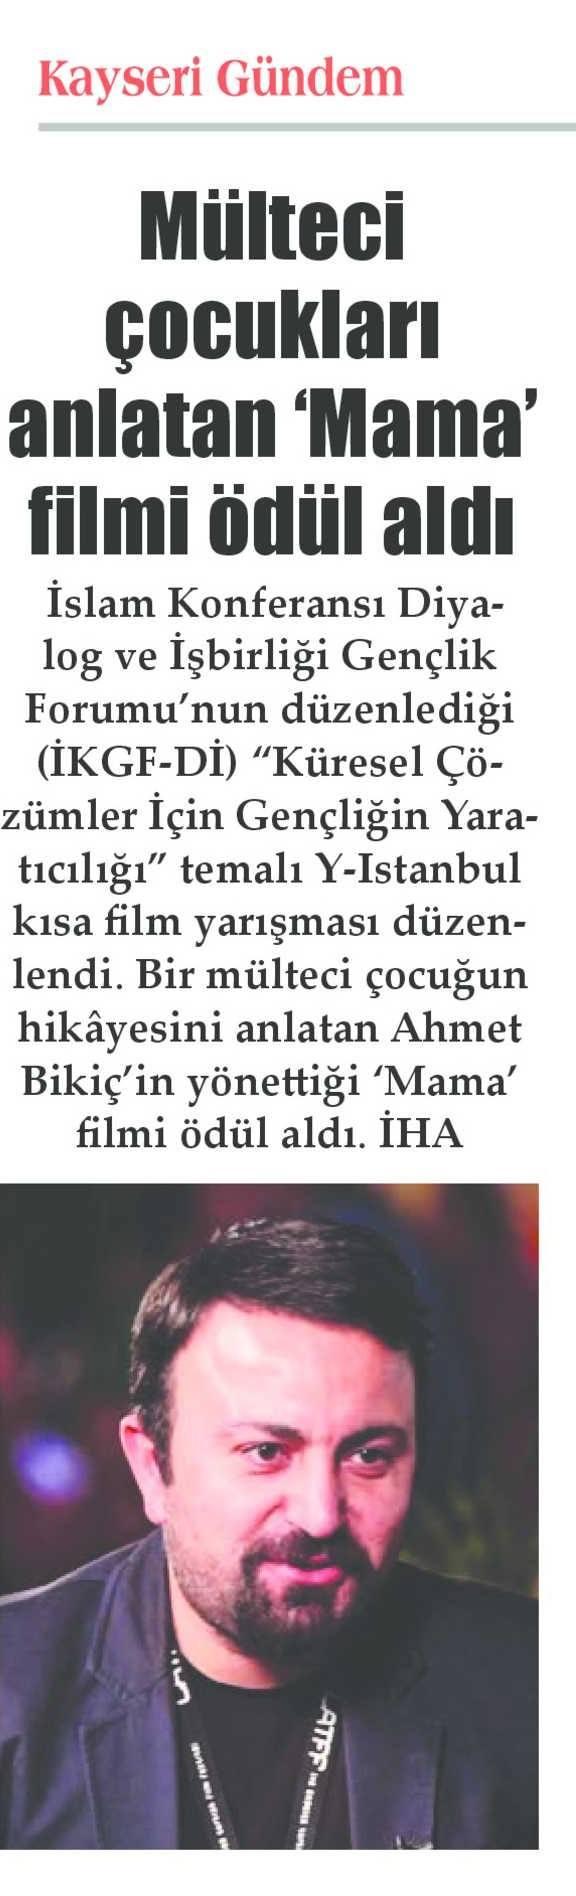 ICYF-DC - KAYSERİ GÜNDEM GAZETESİ